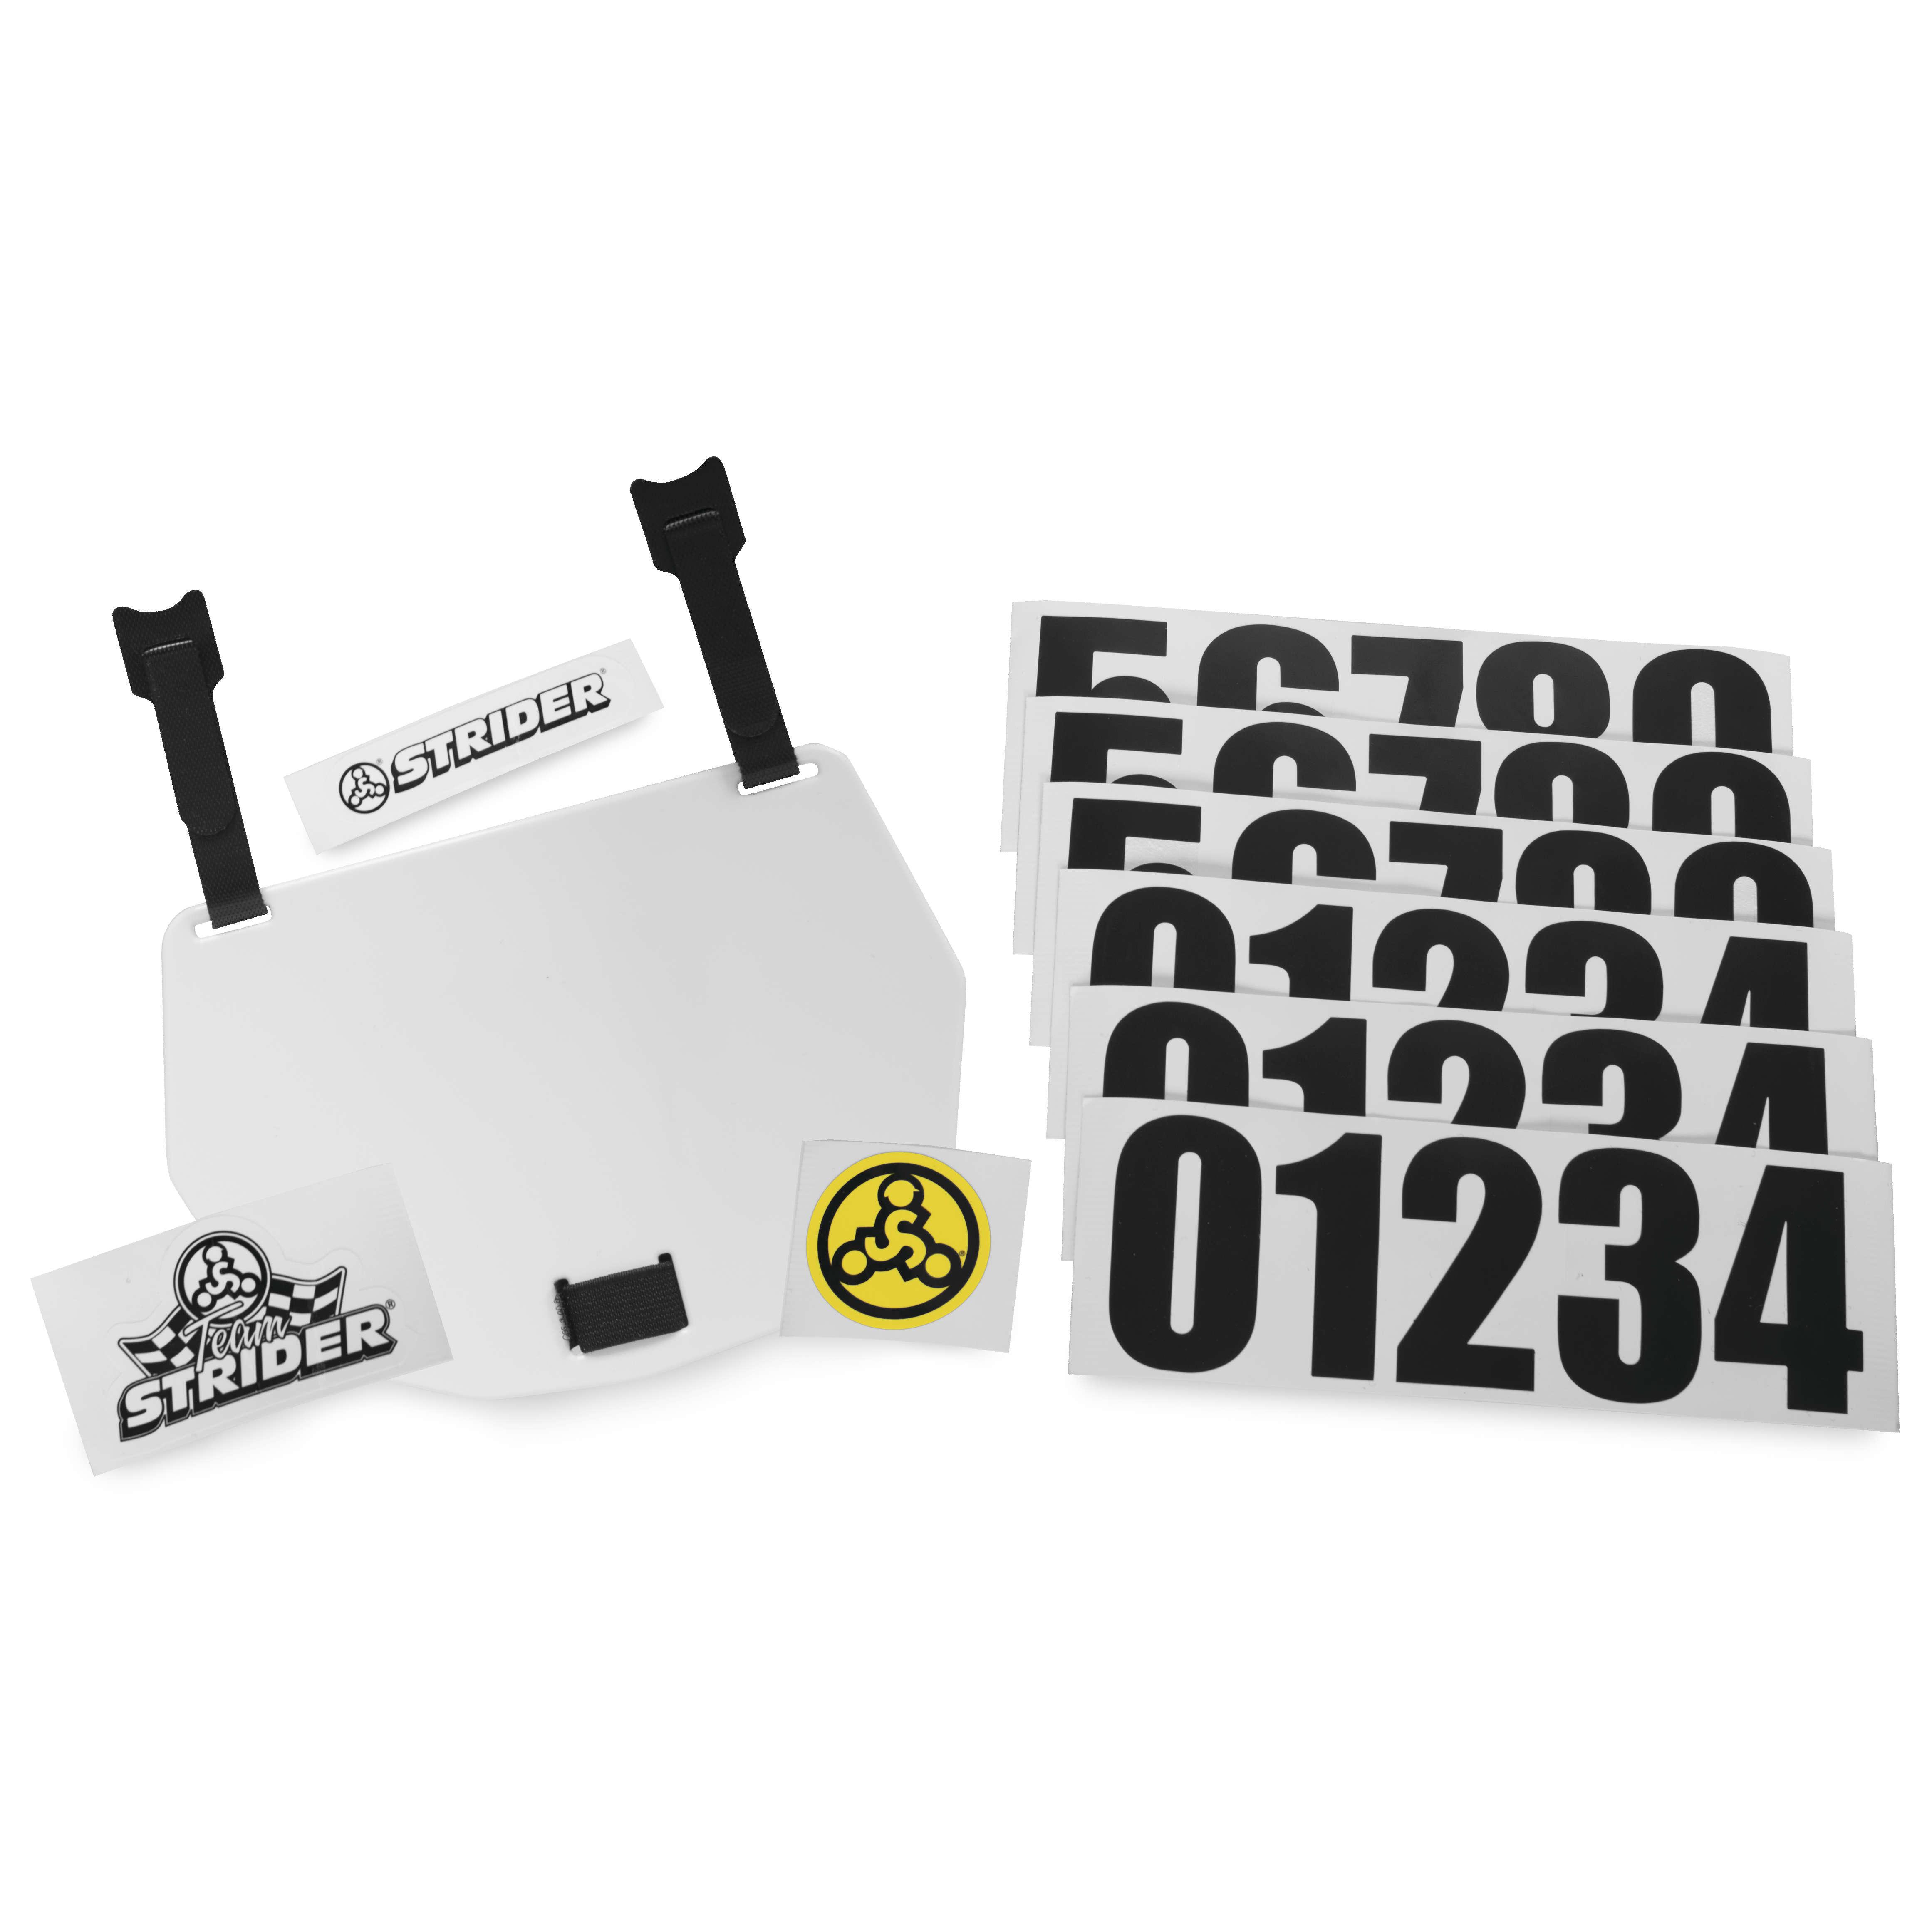 Strider Number Plate